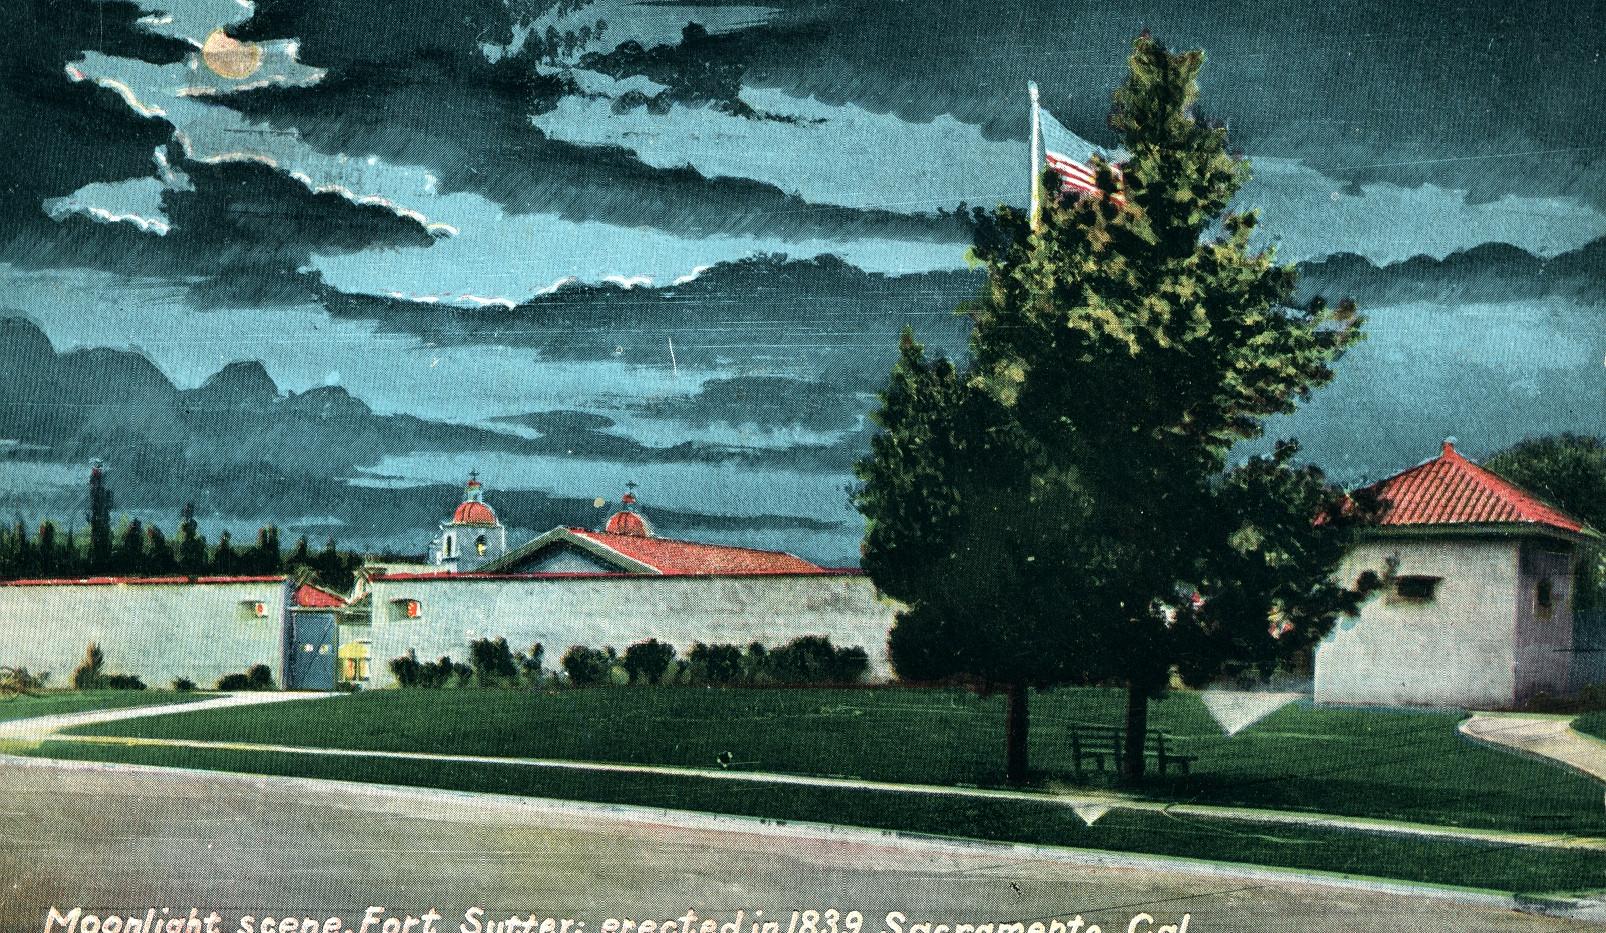 Moonlight Scene, Fort Sutter; 1839. Sacramento, California